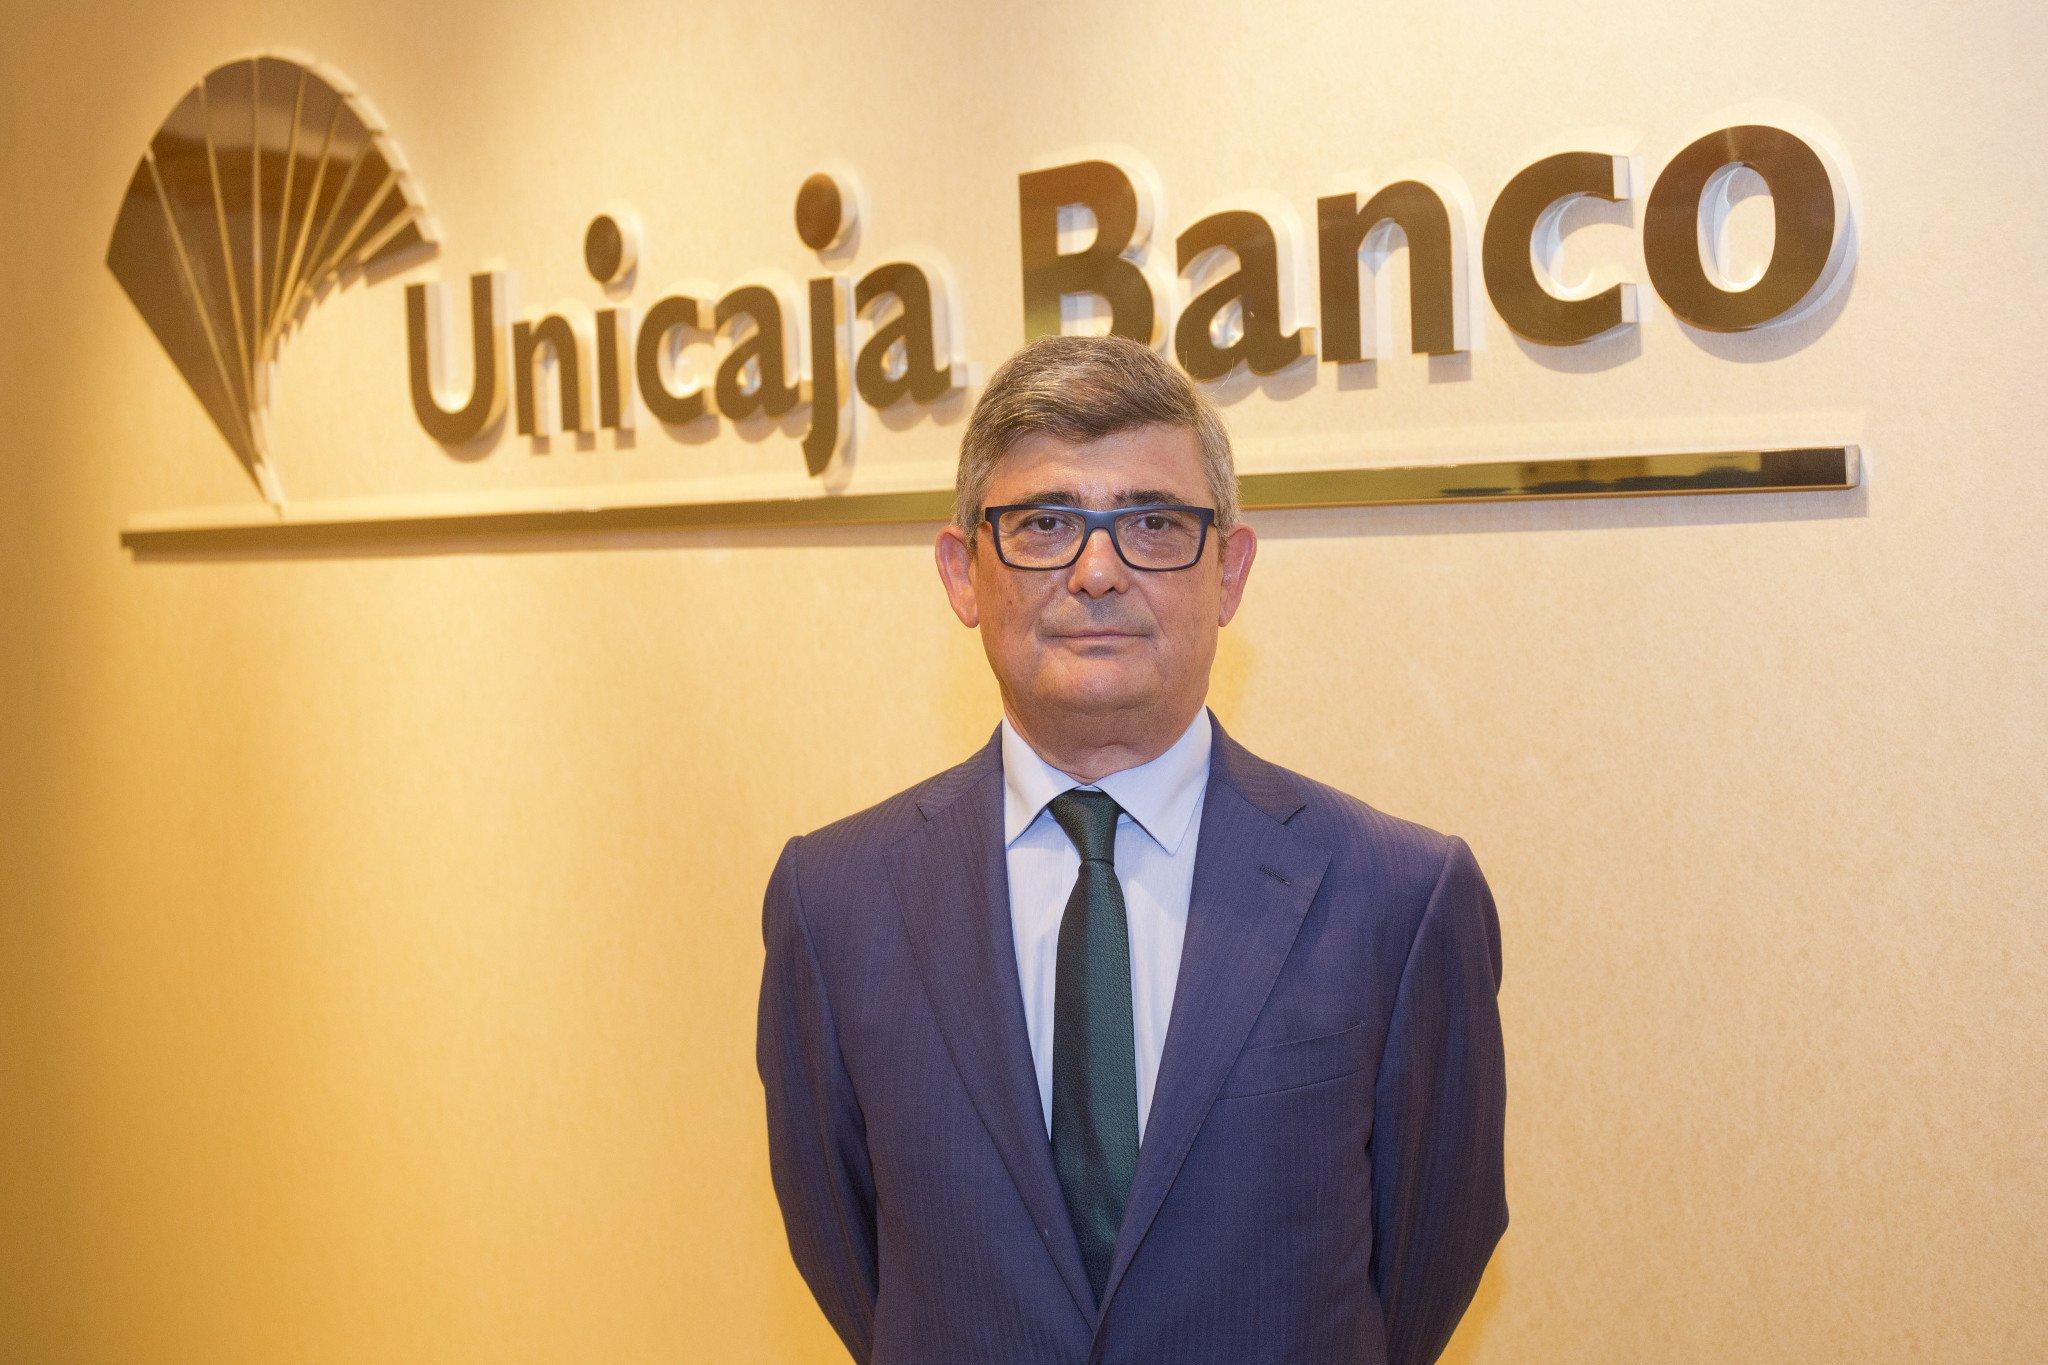 Angel Rodríguez de Gracia, nuevo CEO de Unicaja Banco. ¿Ha comenzado la sucesión?